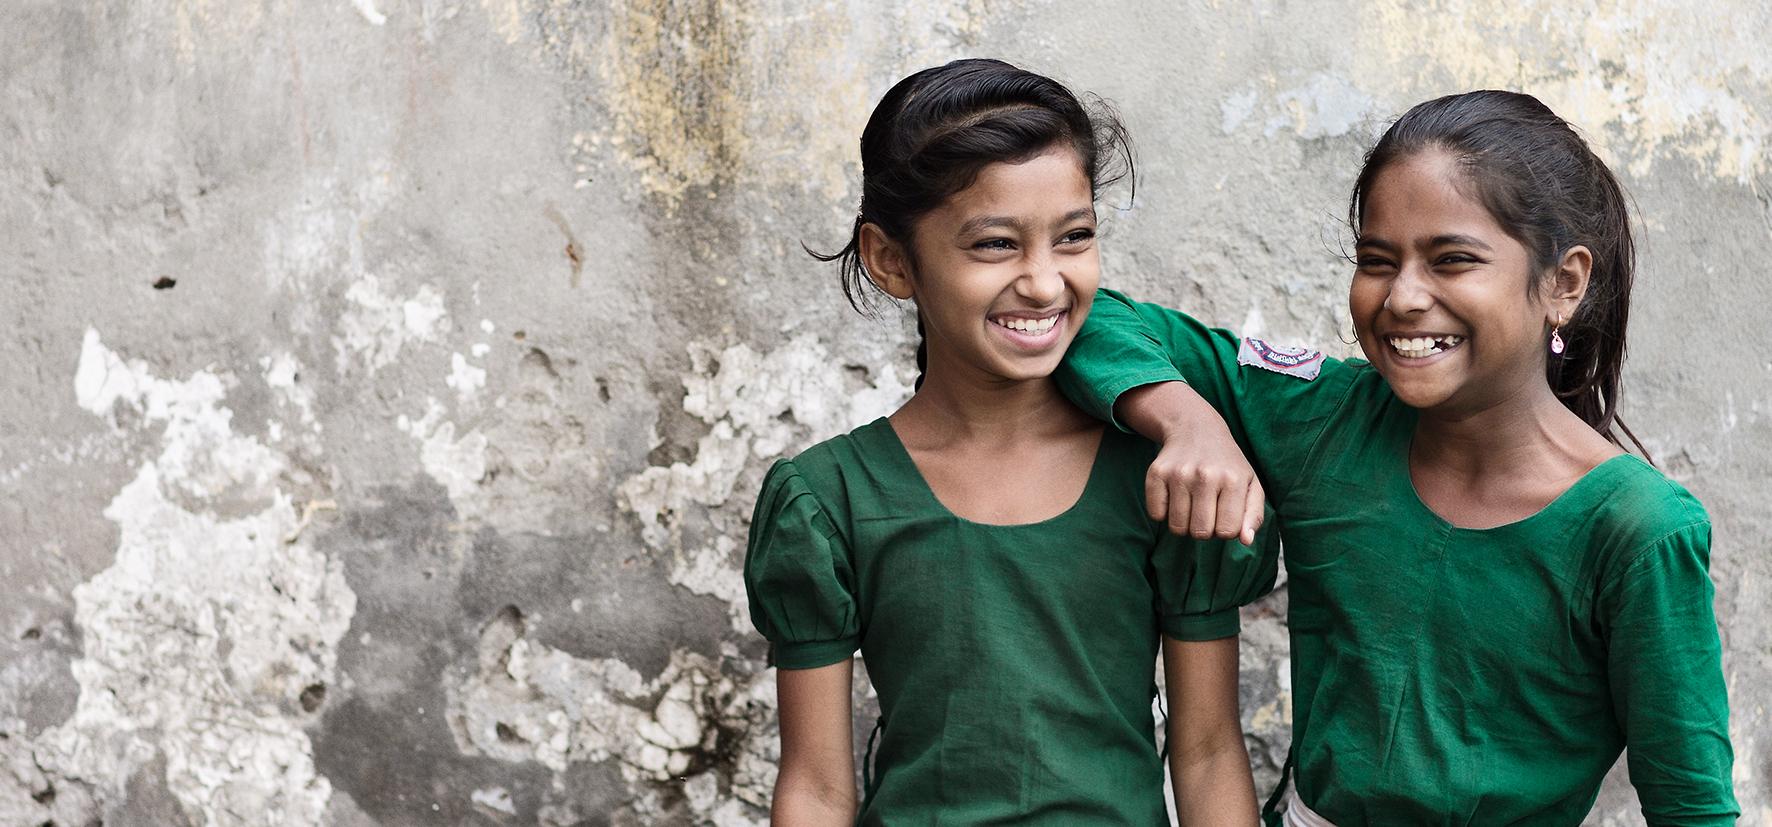 planbørnefonden, søstrene grene, børn, rettigheder